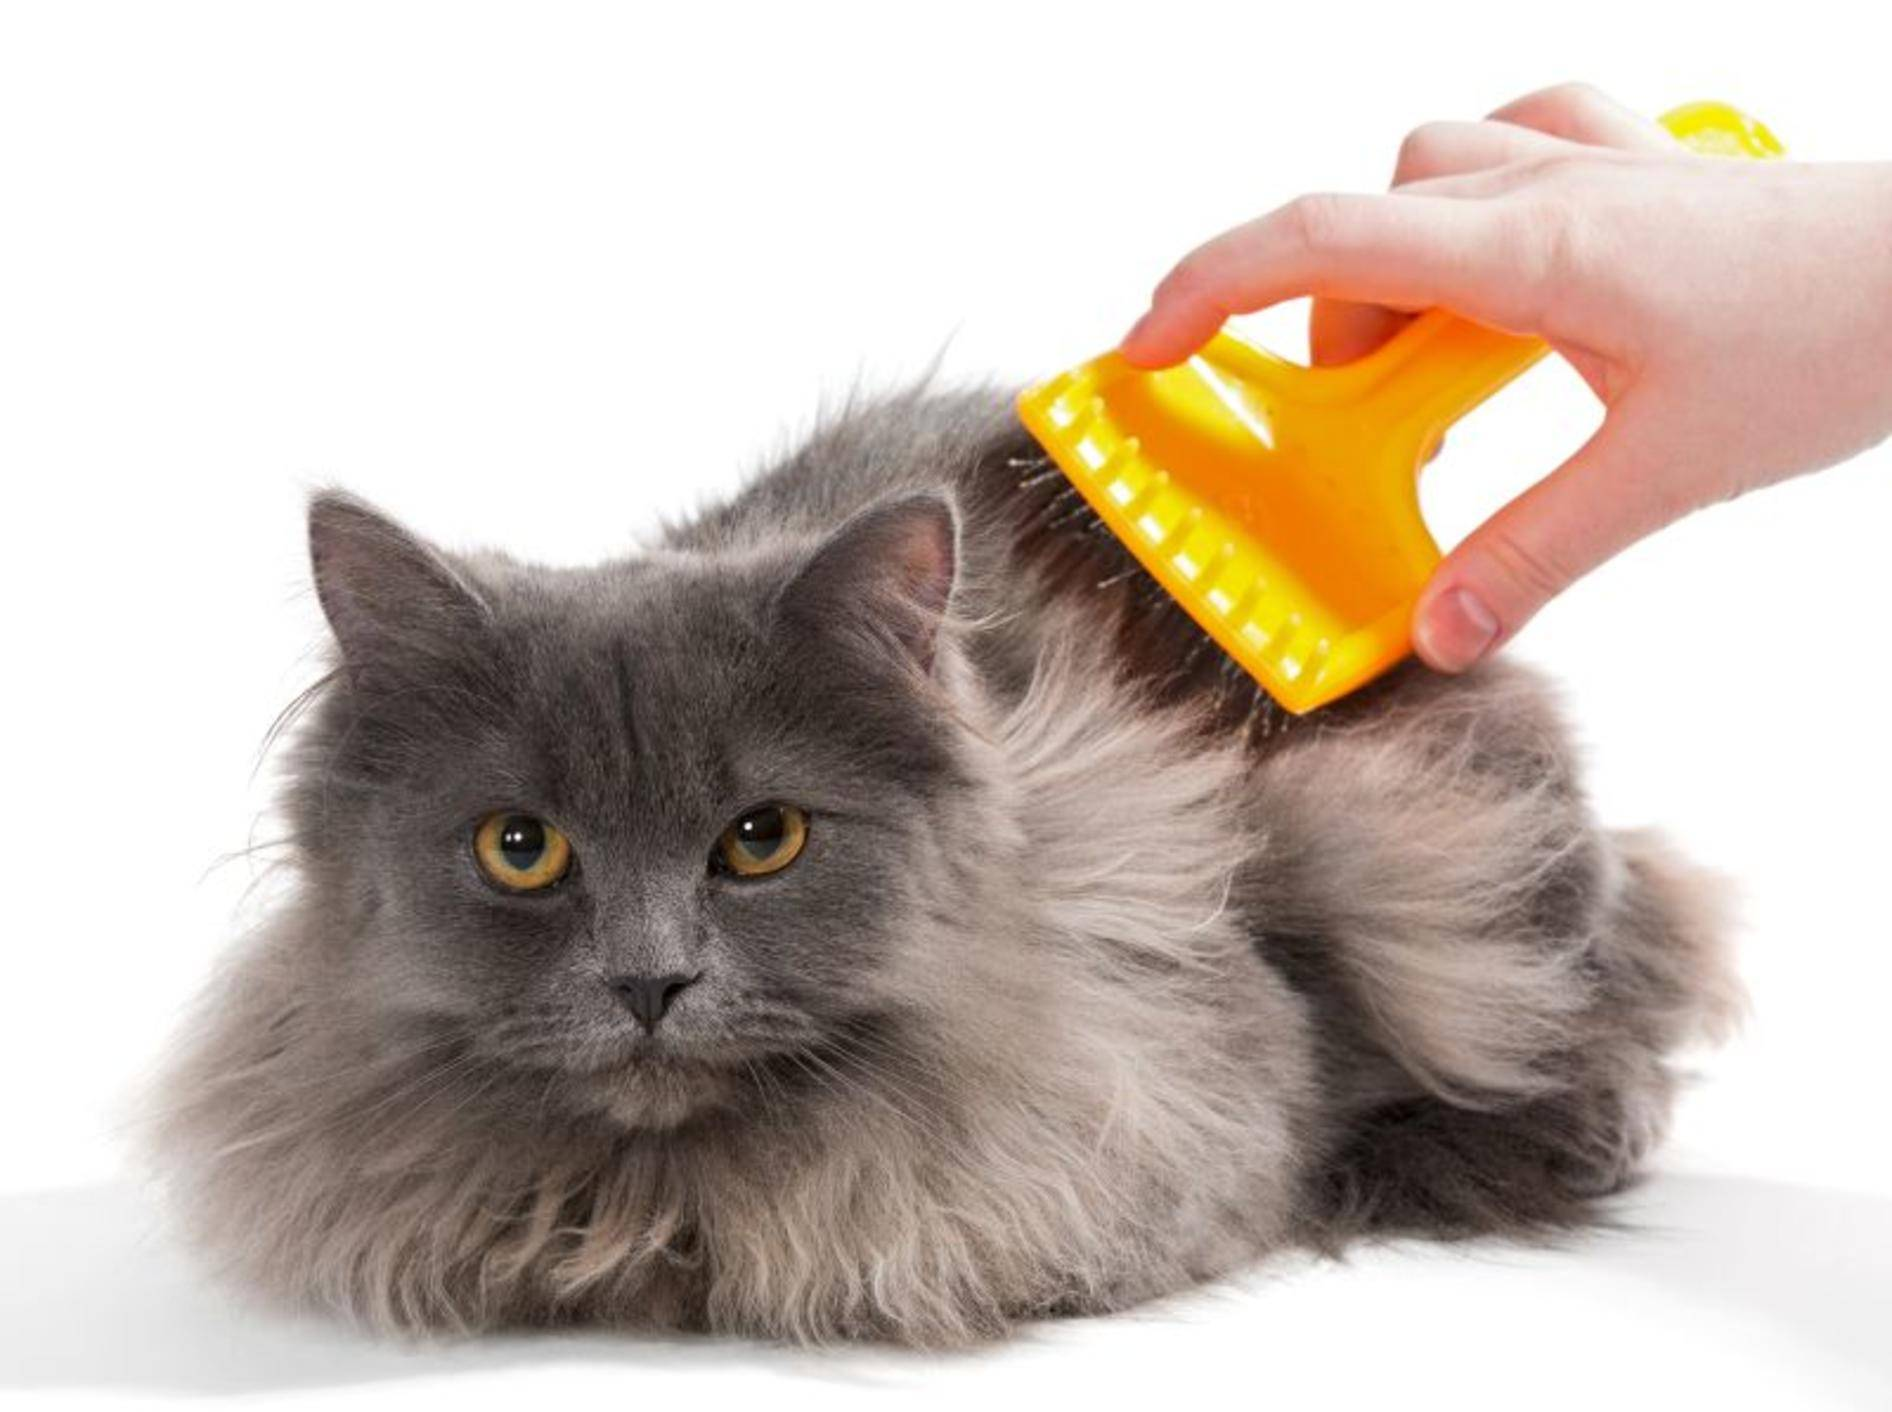 Viel Pflege mit der Bürste beugt Verfilzungen im Katzenfell vor – Bild: Shutterstock / Okssi